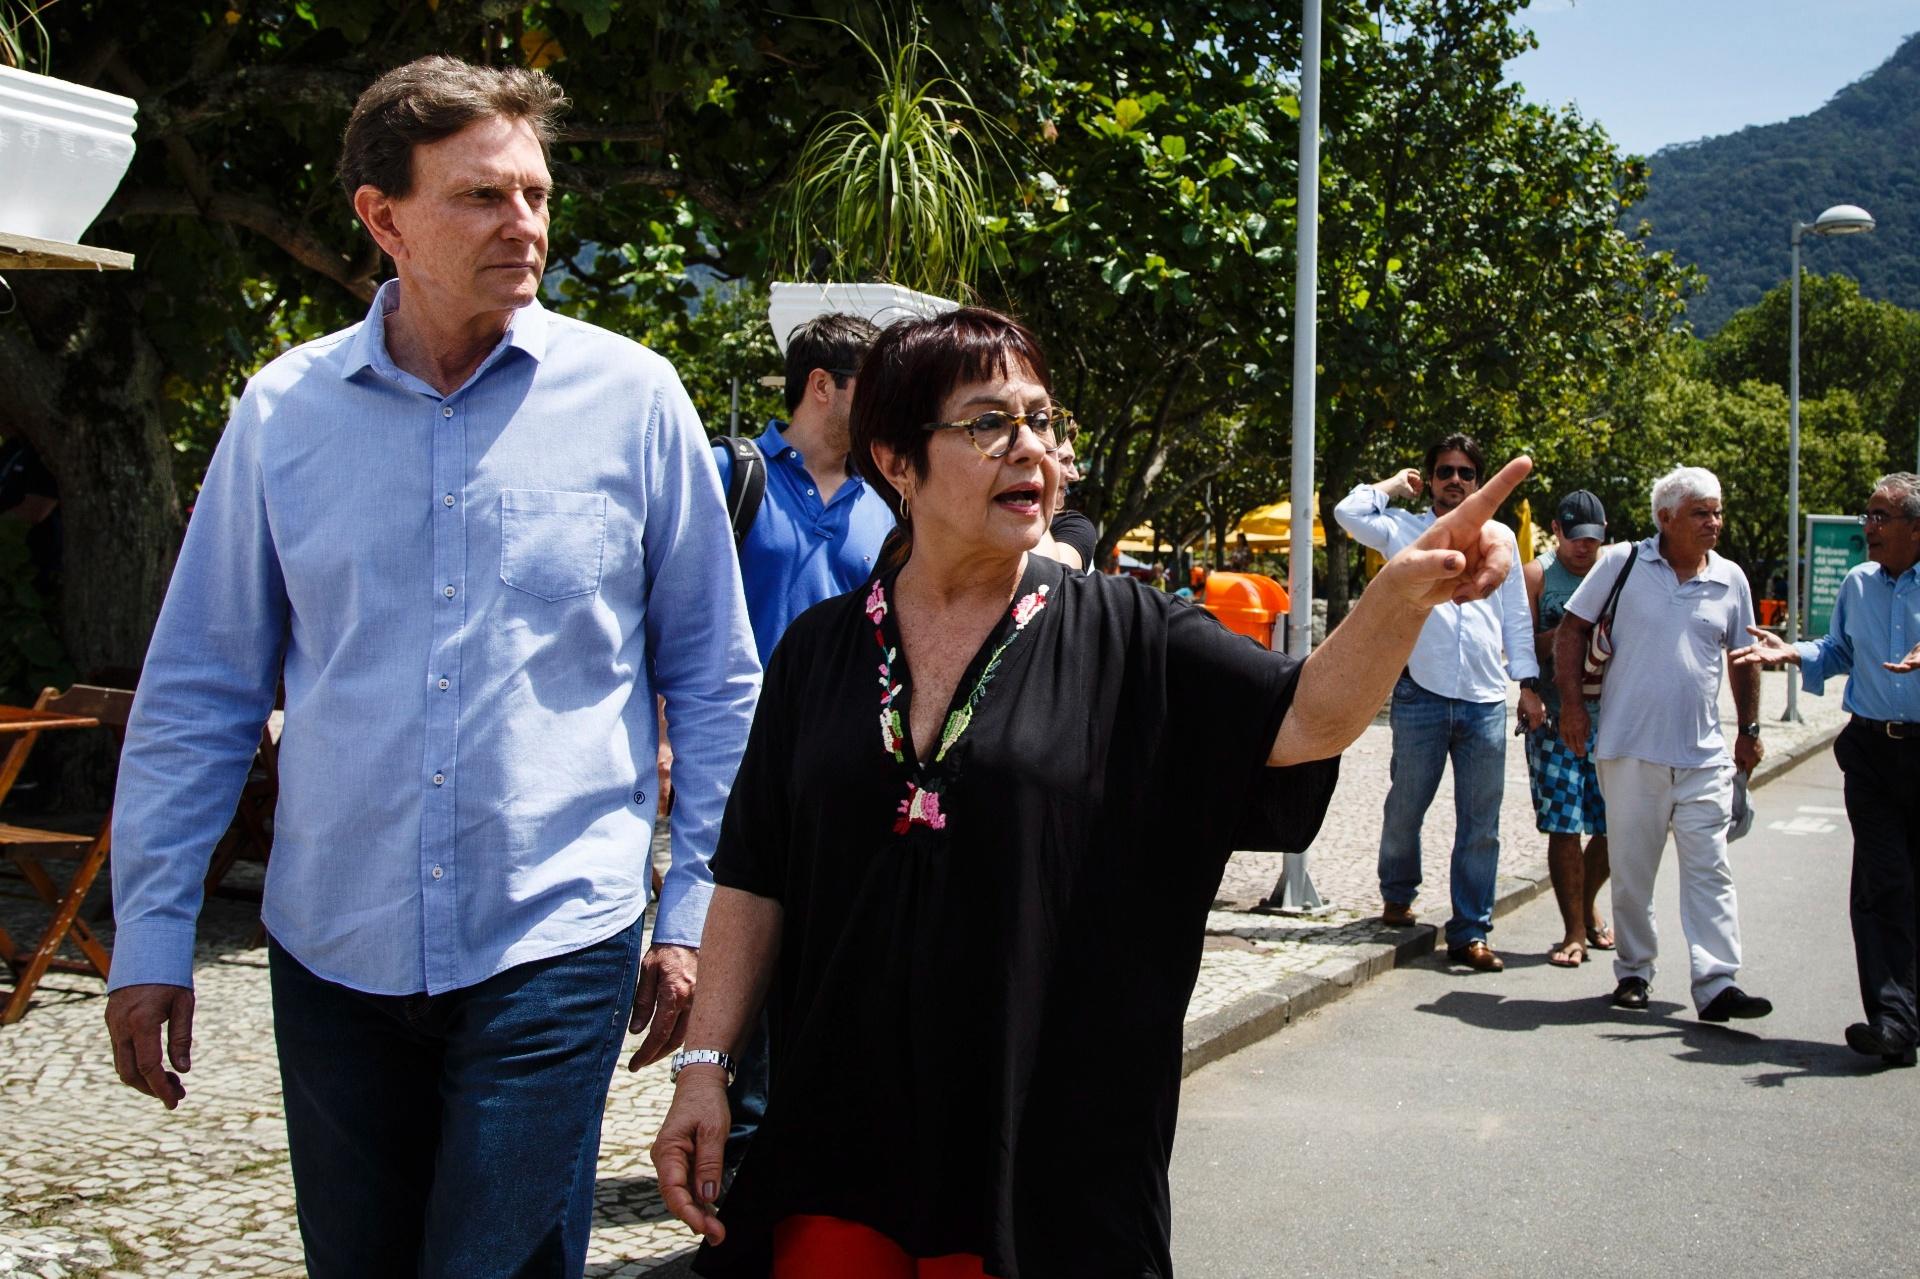 15.out.2016 - O candidato à Prefeitura do Rio de Janeiro Marcelo Crivella (PRB) passeou pelo parque dos Patins, na Lagoa Rodrigo de Freitas, na zona sul da cidade. Crivella conversou com a ambientalista Aspasia Camargo sobre propostas por uma cidade sustentável